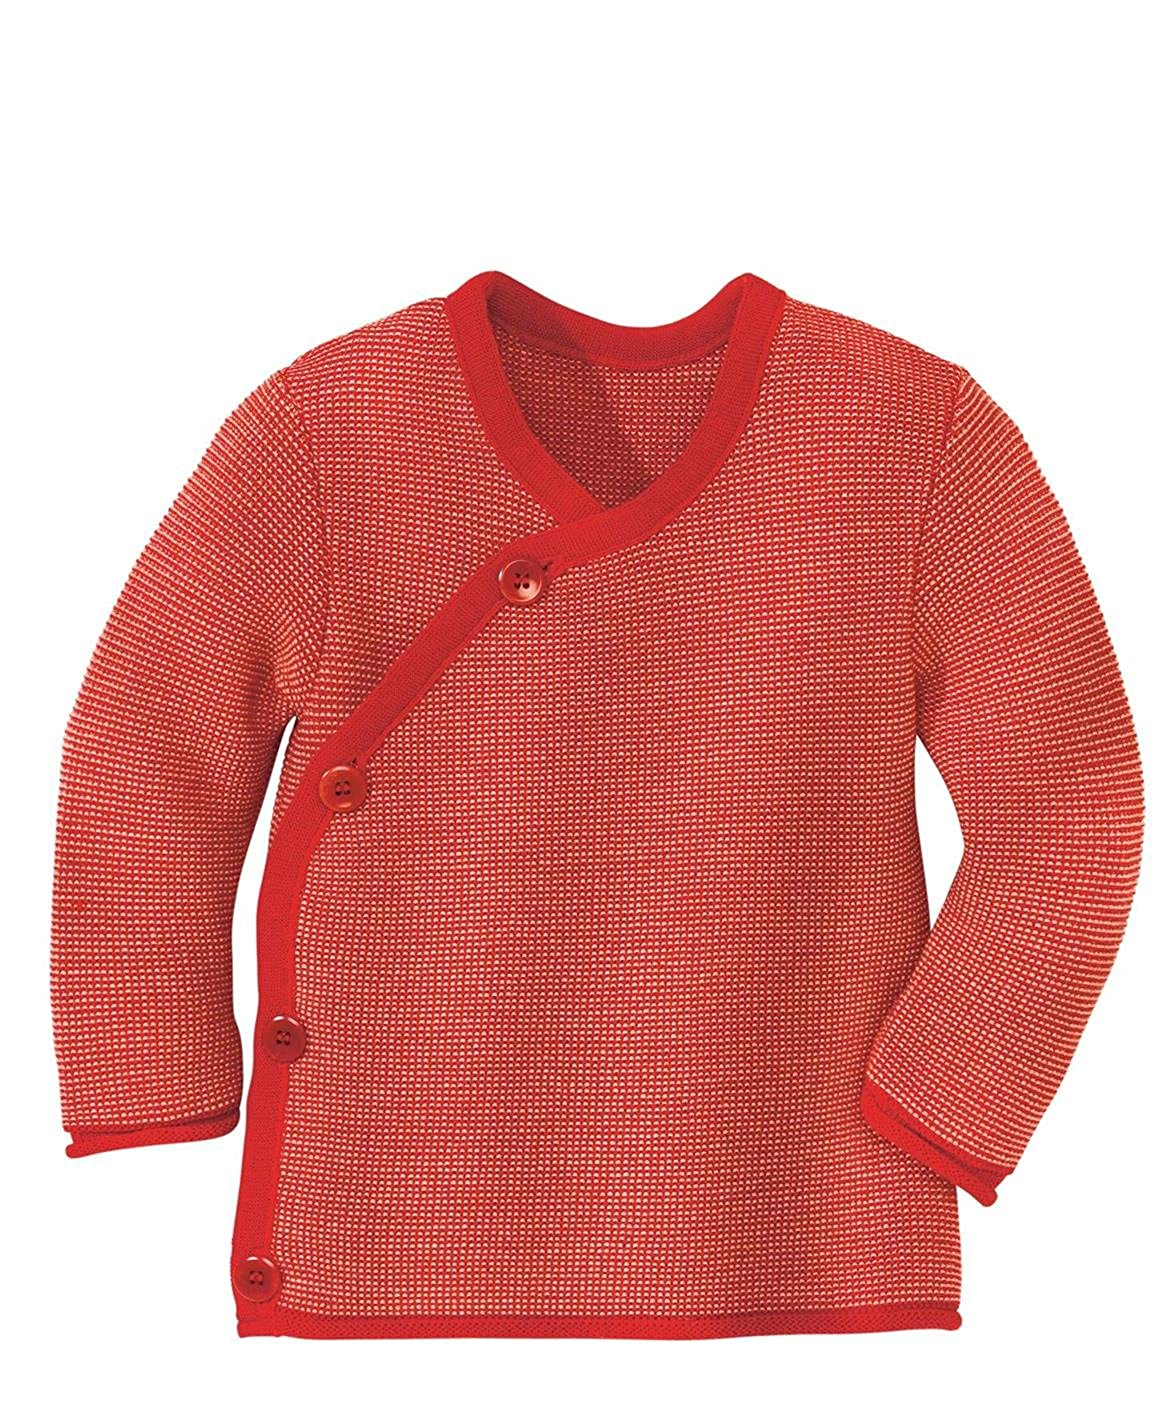 Disana - Melange Jacket, 100% Organic Merino Wool 325